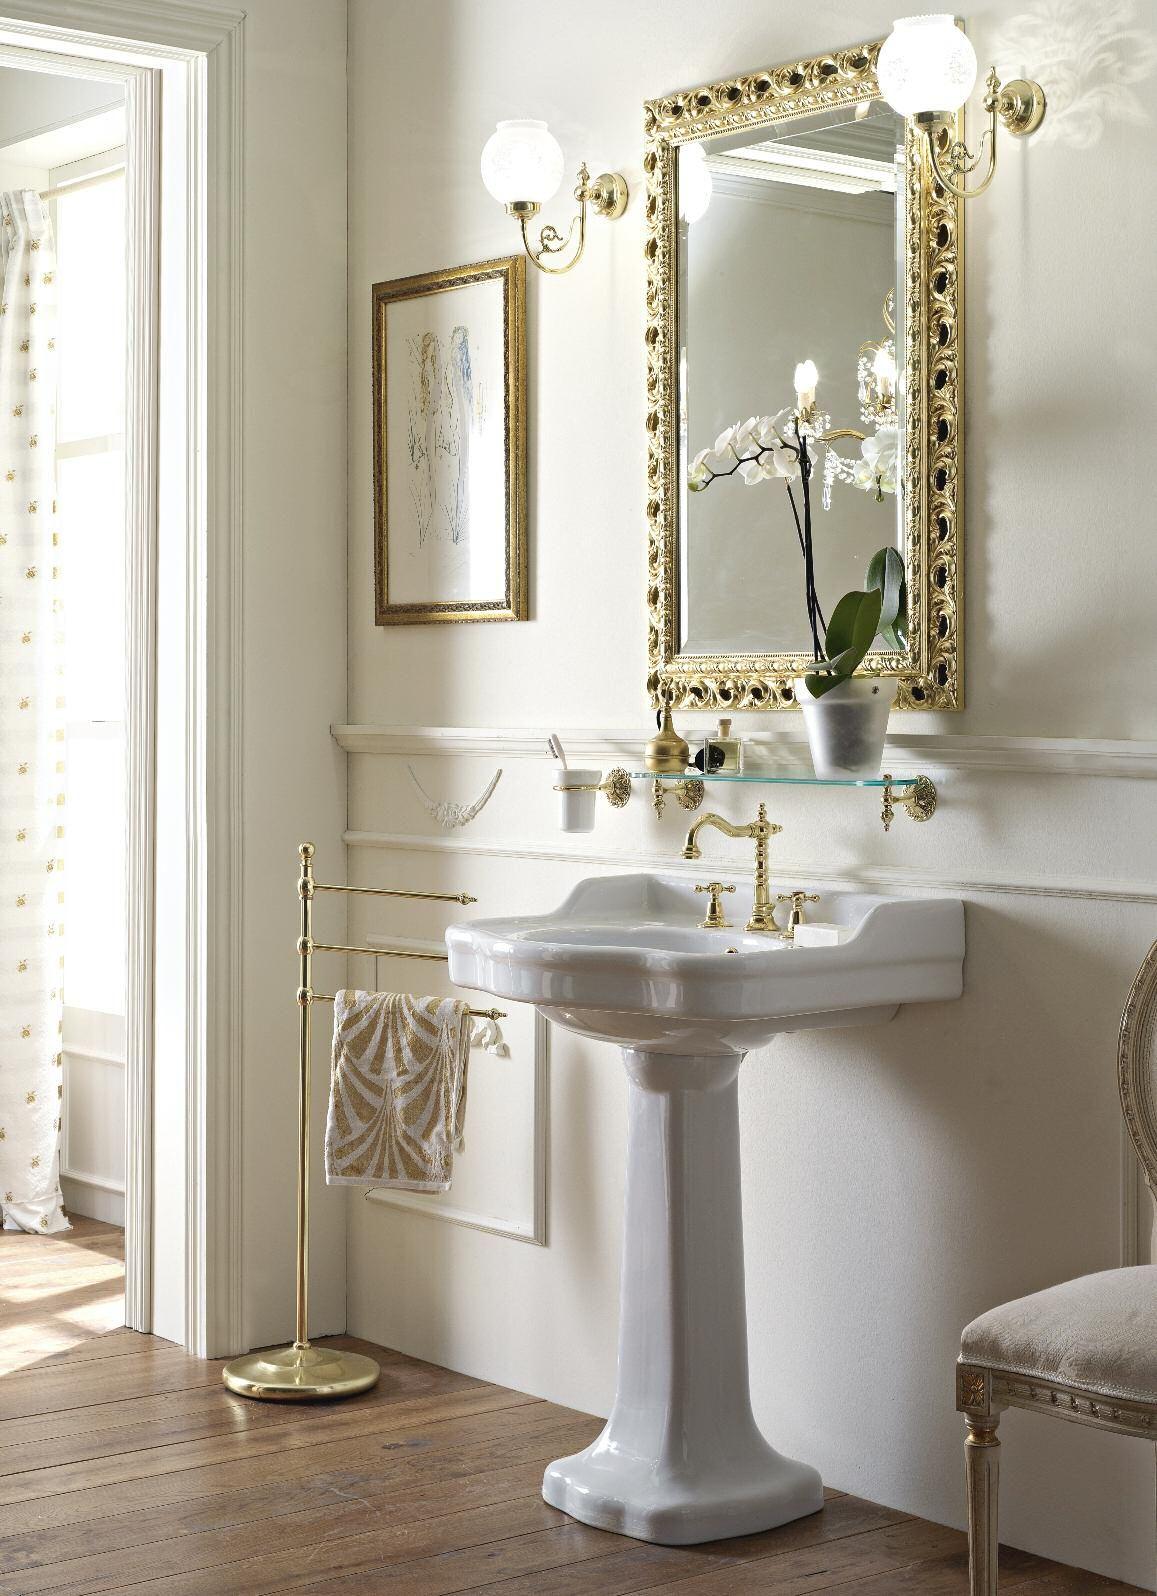 Lavabo A Colonna Design sbordoni palladio washbasin with pedestal (con immagini